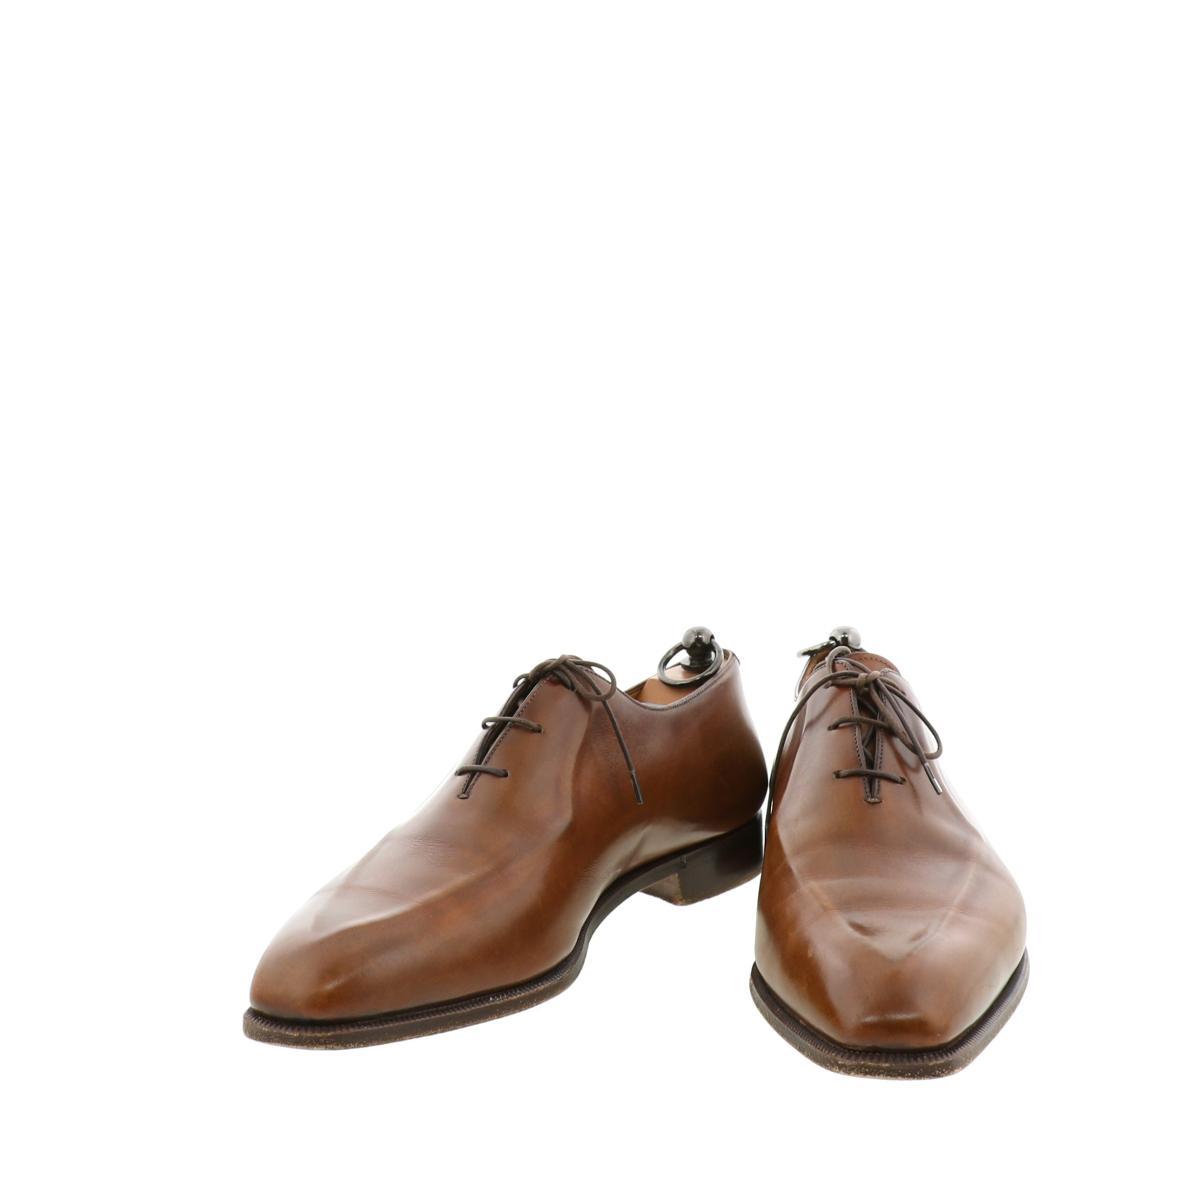 オリジナル 中古 Berluti ベルルッティ レースアップシューズ ビジネスシューズ 靴 ストア メンズ 28cm フォーマル スーツ ブラウン Brown used:B お値下げ品